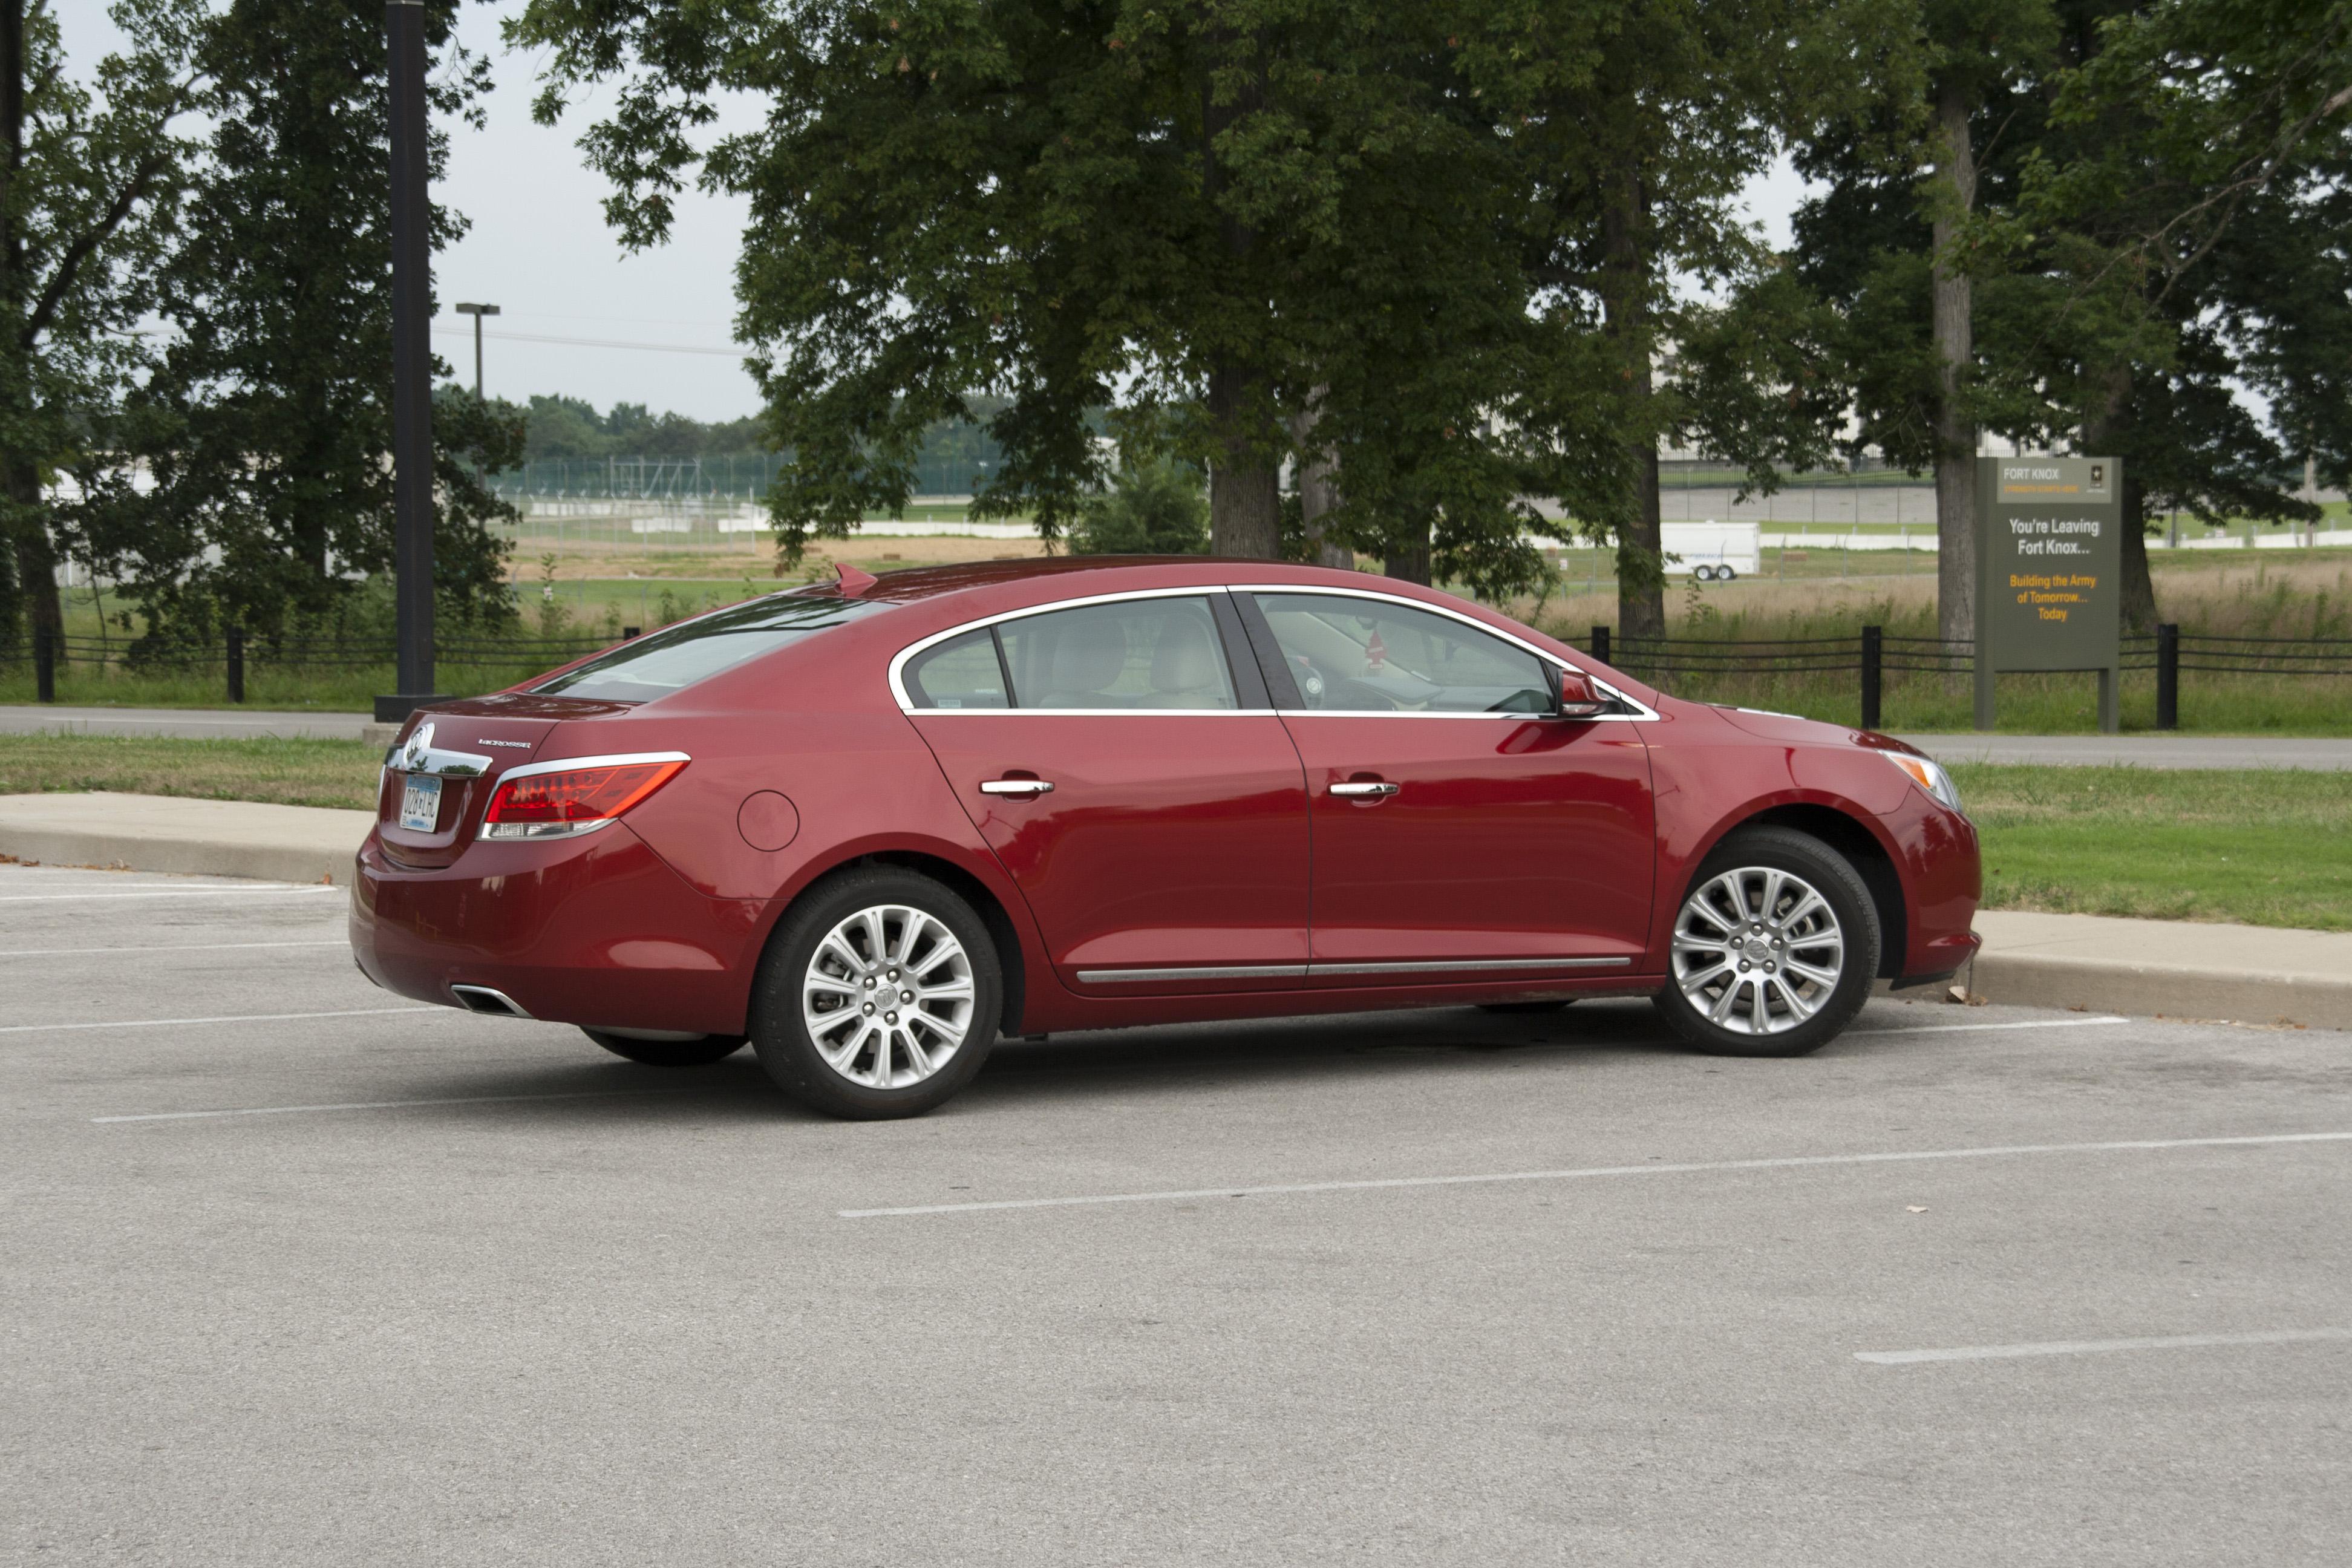 Buick LaCrosse avis 2013 red